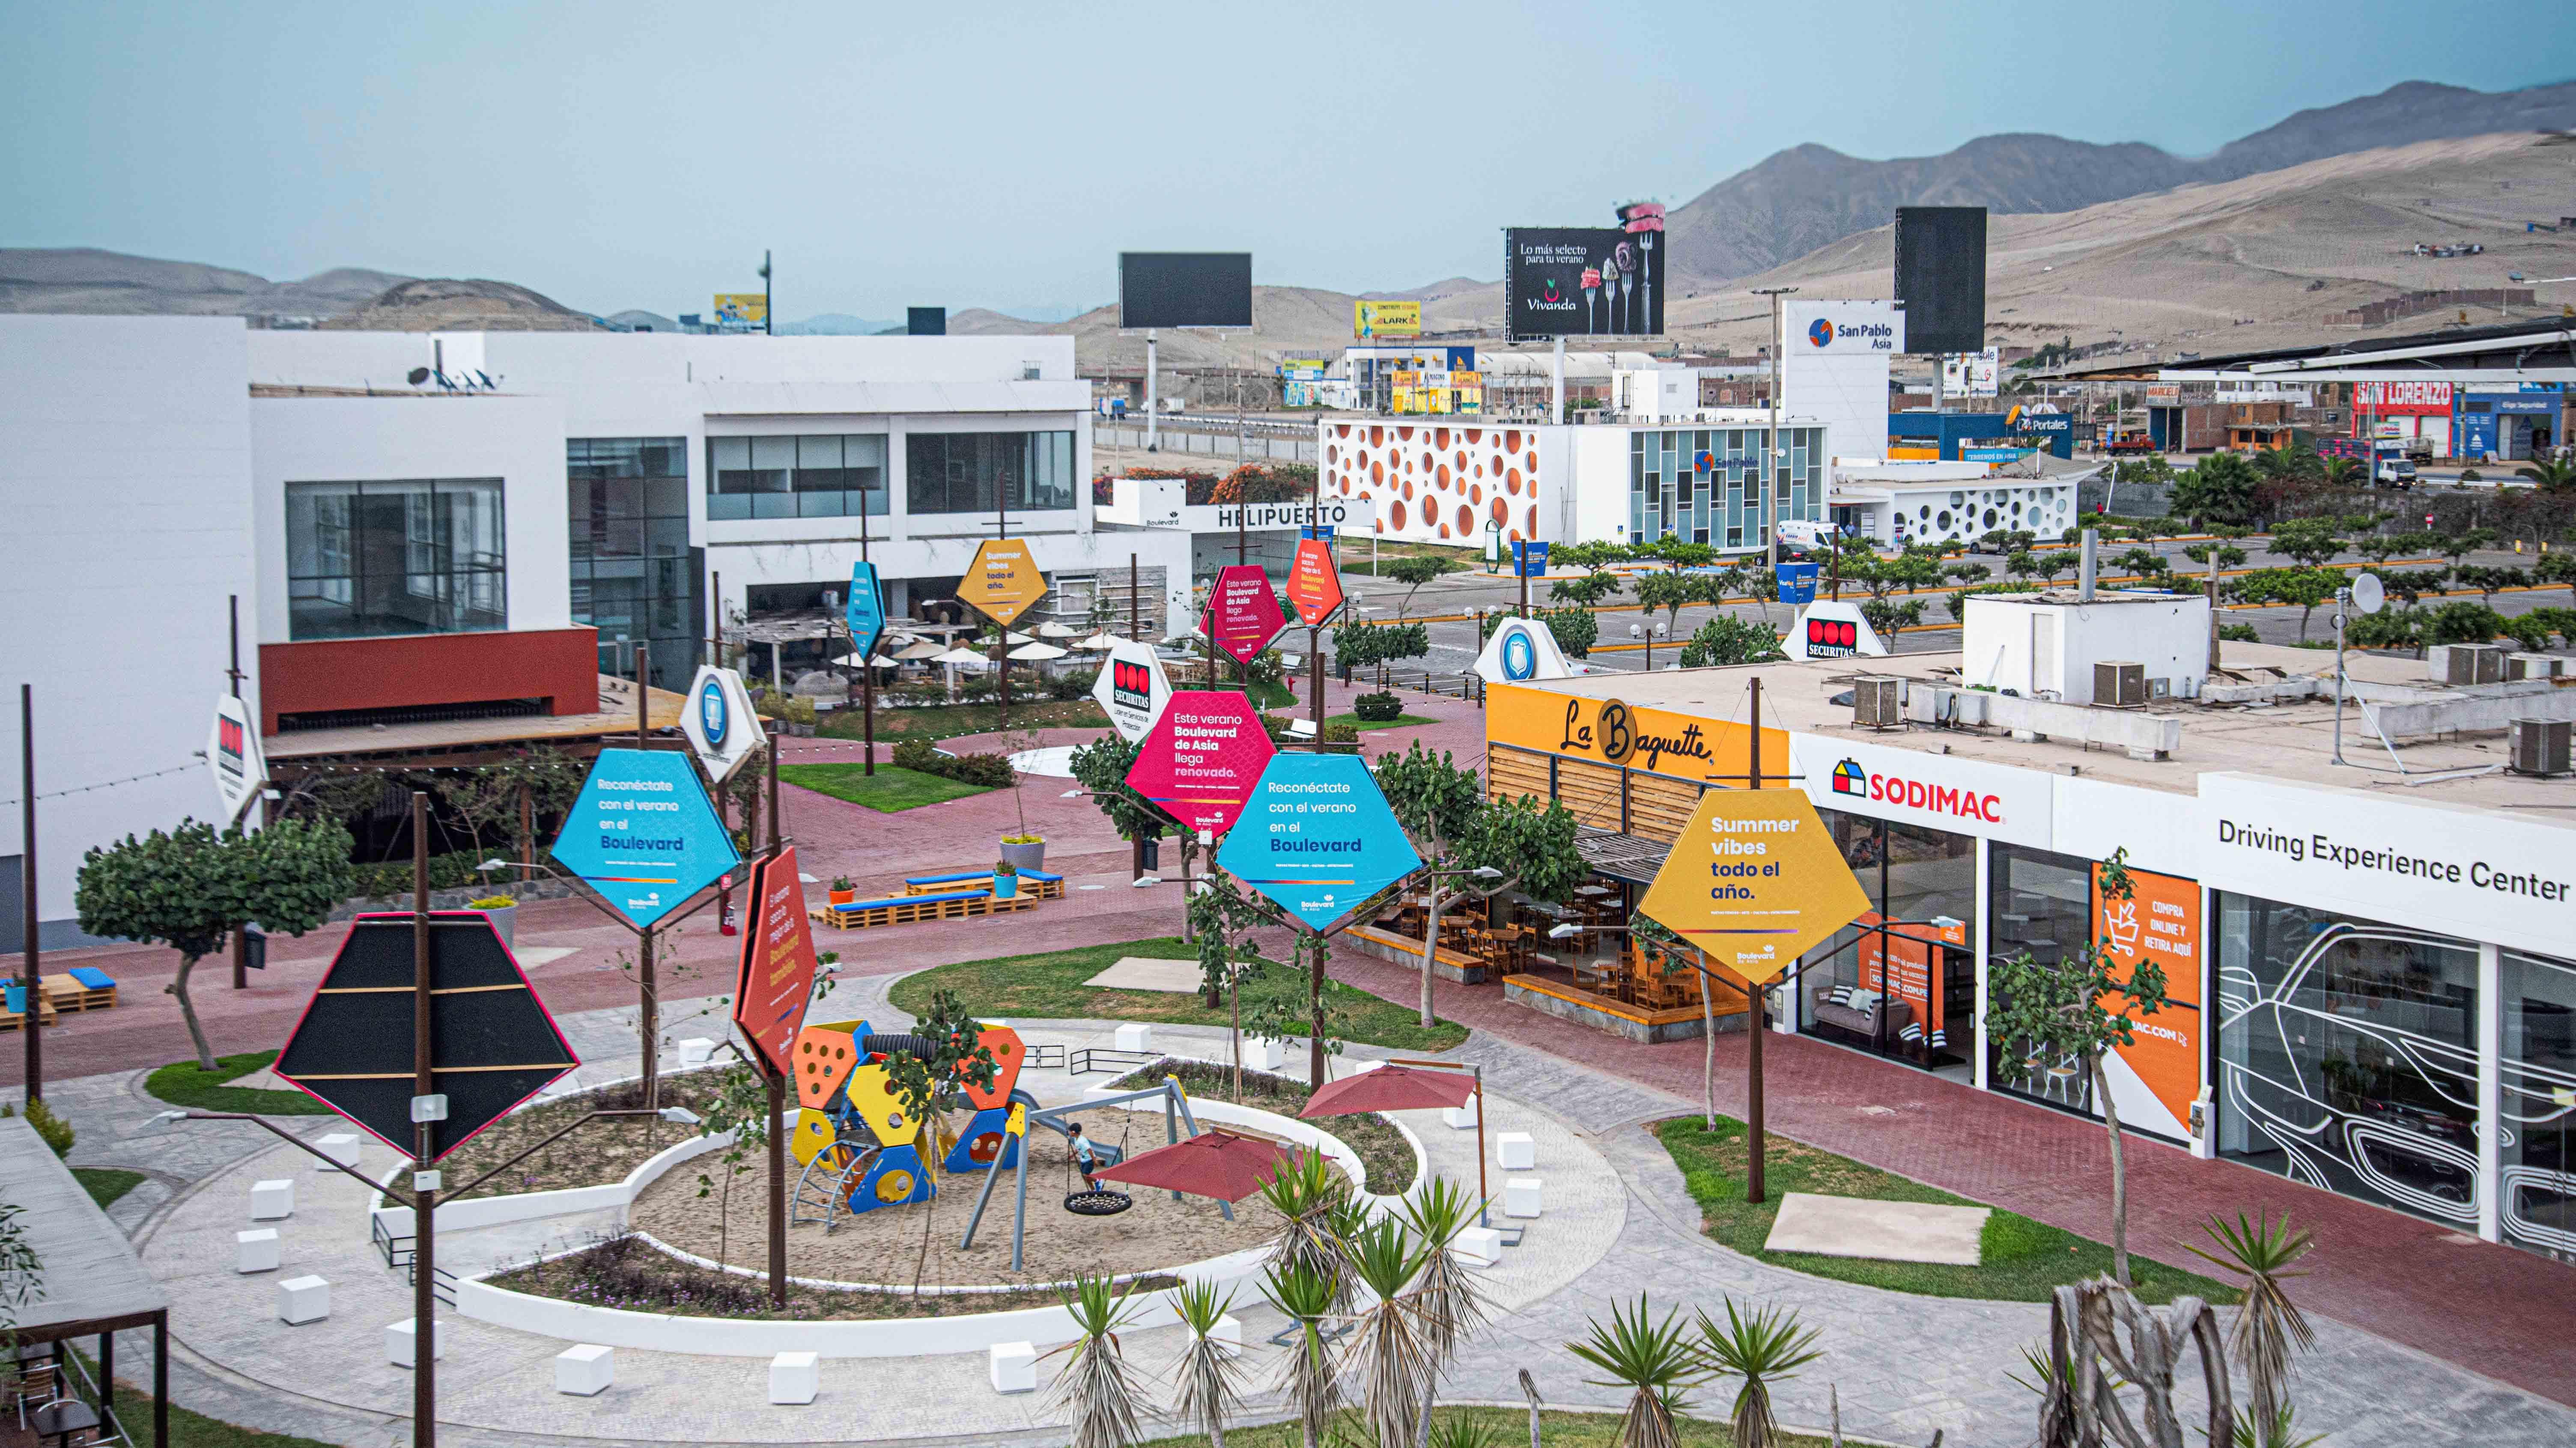 Boulevard de Asia: la nueva apuesta por un público más amplio y una oferta para todo el año